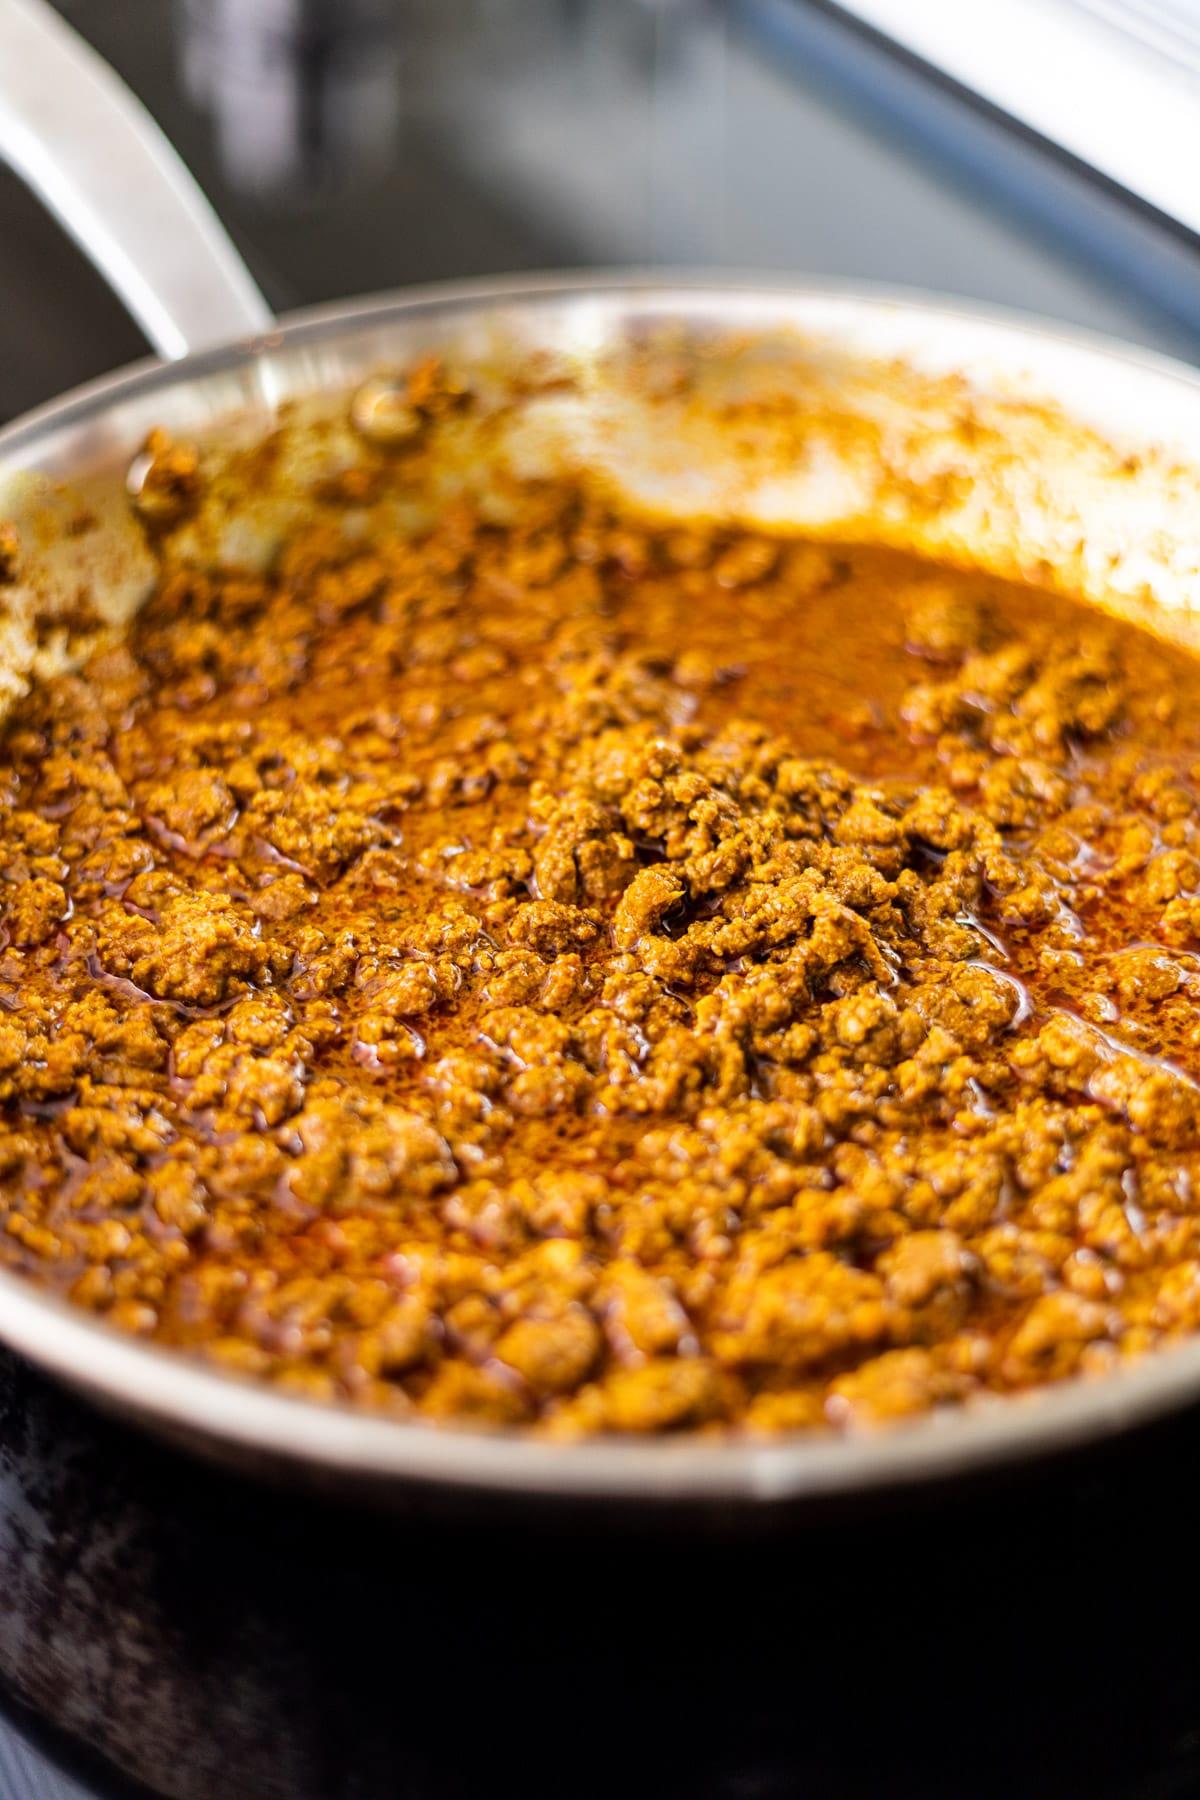 Seasoned ground beef simmering in a skillet.